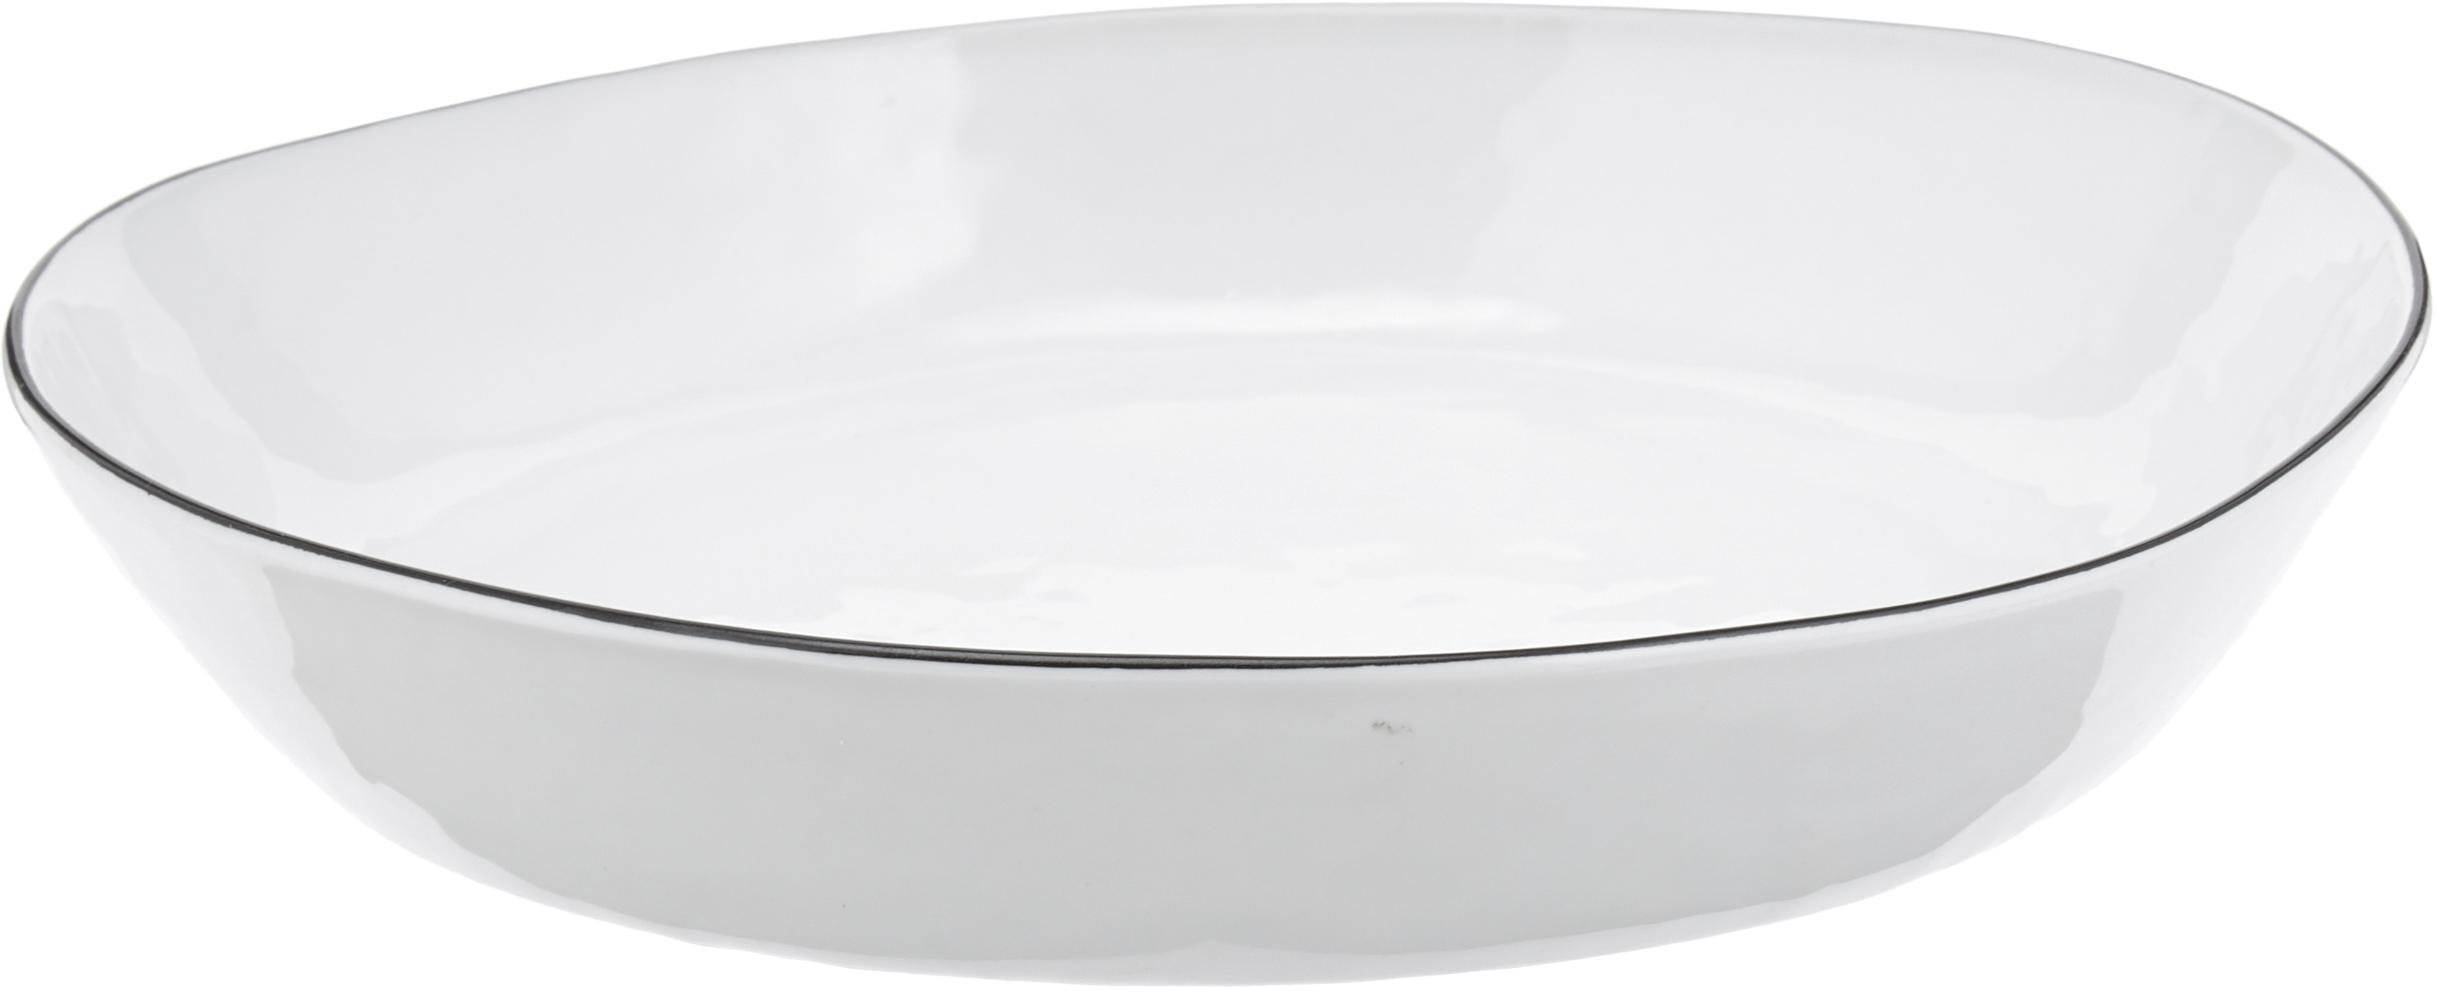 Handgemachte Servierschale Salt mit schwarzem Rand, Porzellan, Gebrochenes Weiß, Schwarz, 24 x 4 cm